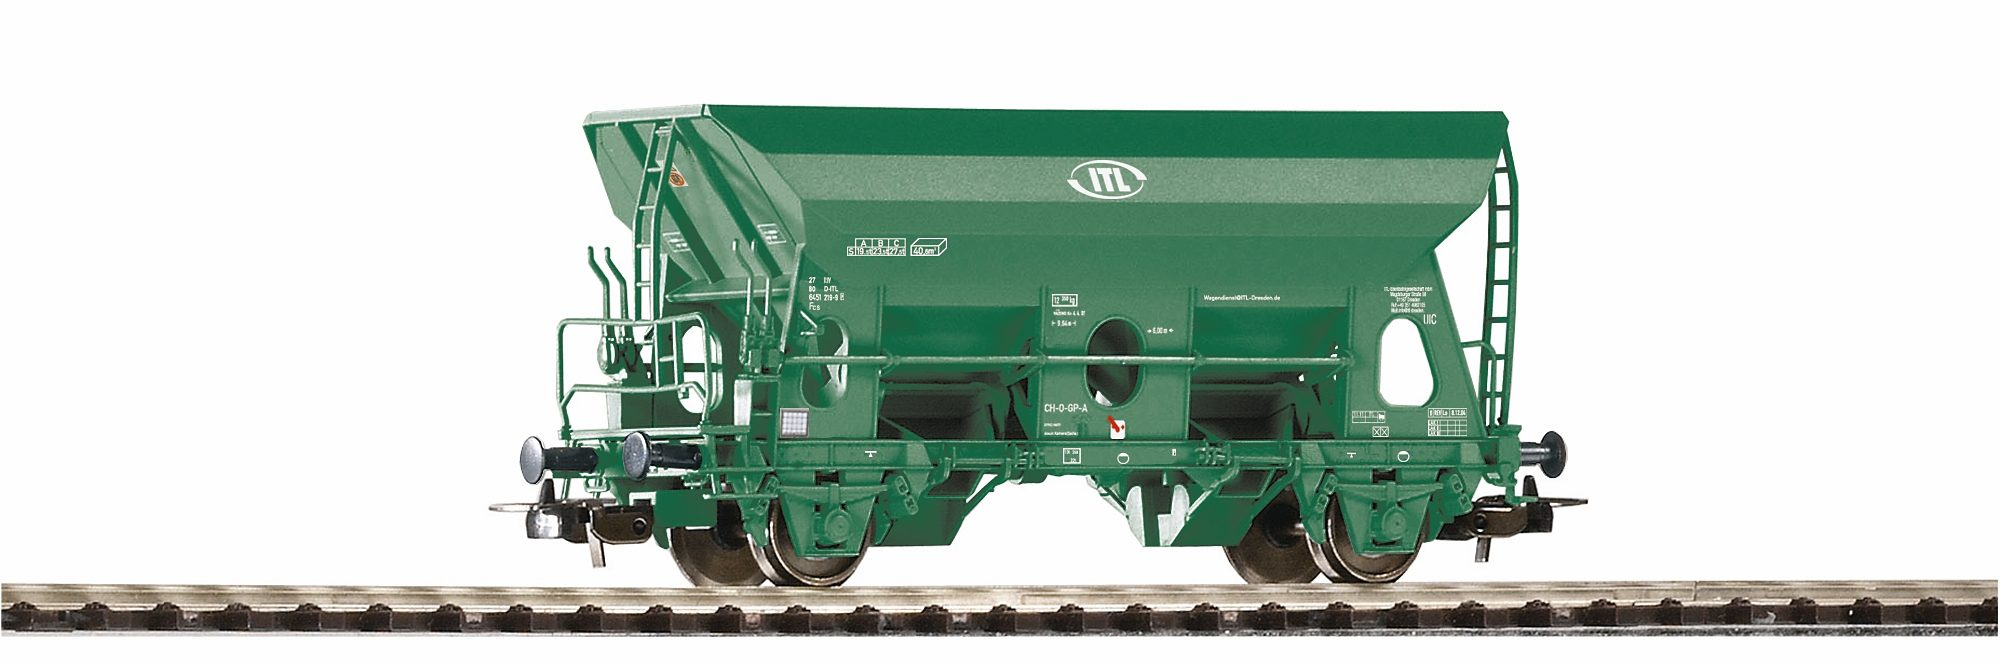 PIKO Güterwagen, Spur H0, »Selbstentladewagen Fcs ITL - Gleichstrom«